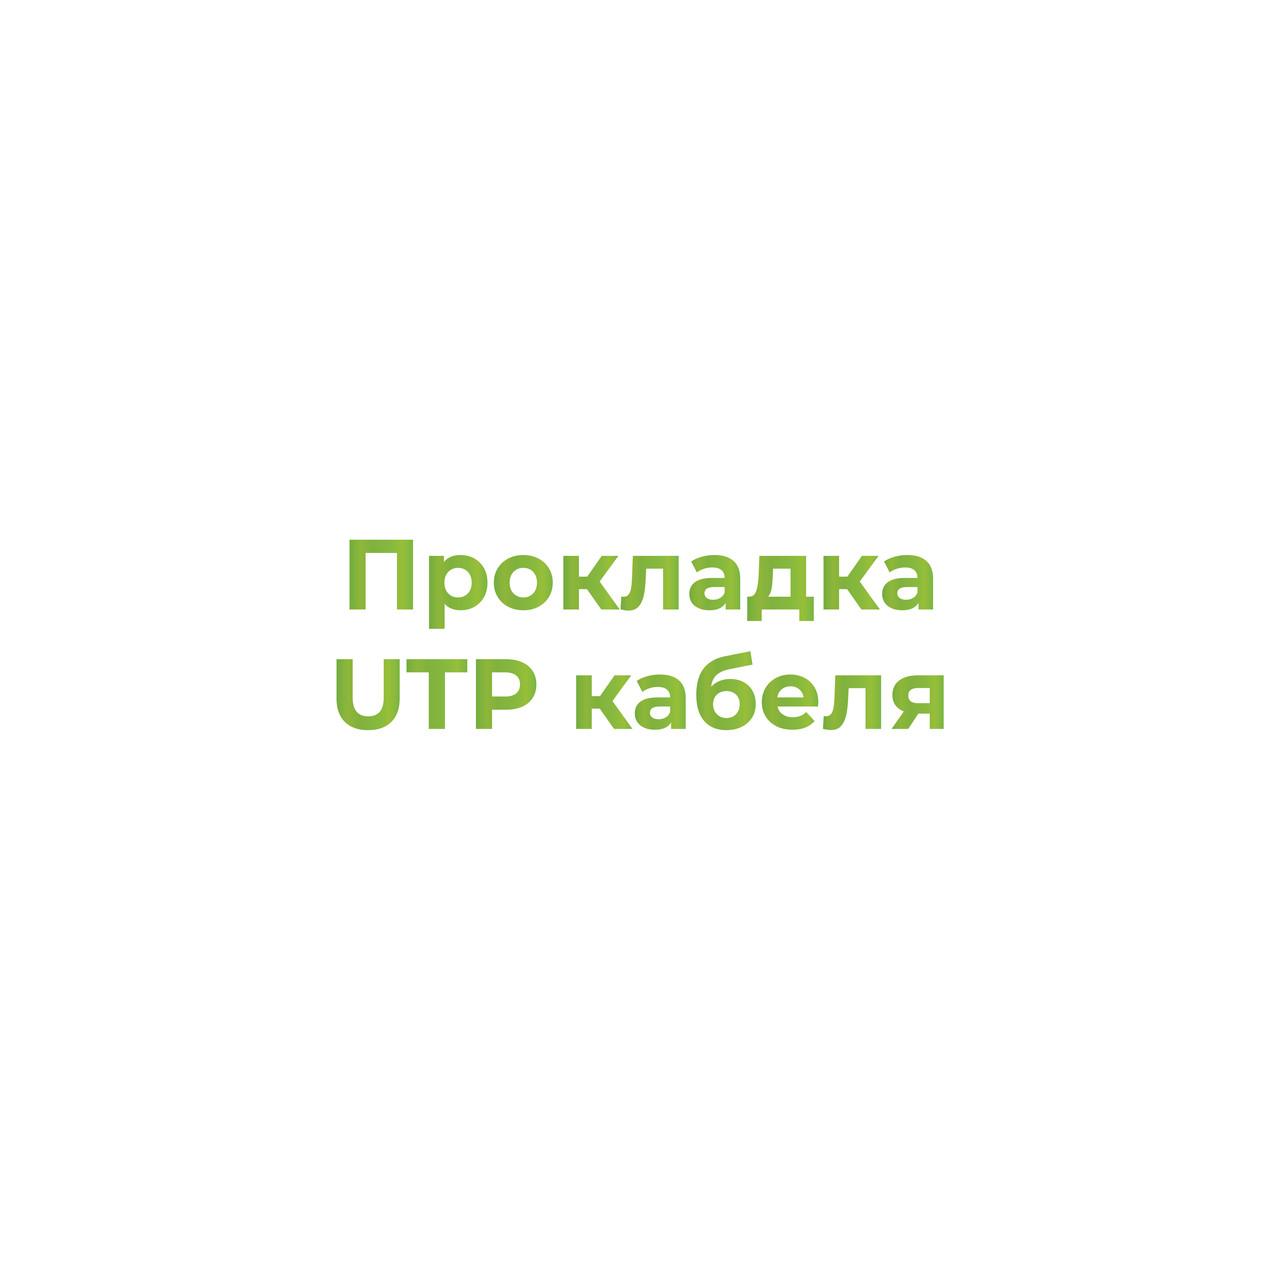 Прокладка UTP кабеля